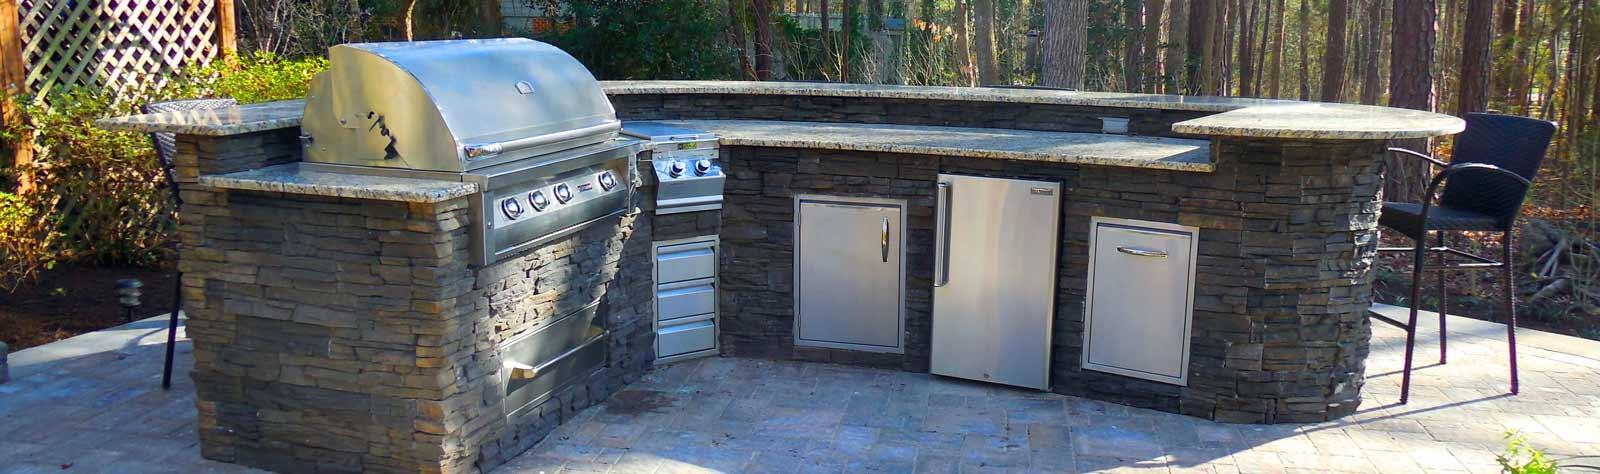 Outdoor Kitchen Creations   Richmond, VA   Your Complete Outdoor Kitchen  Destination